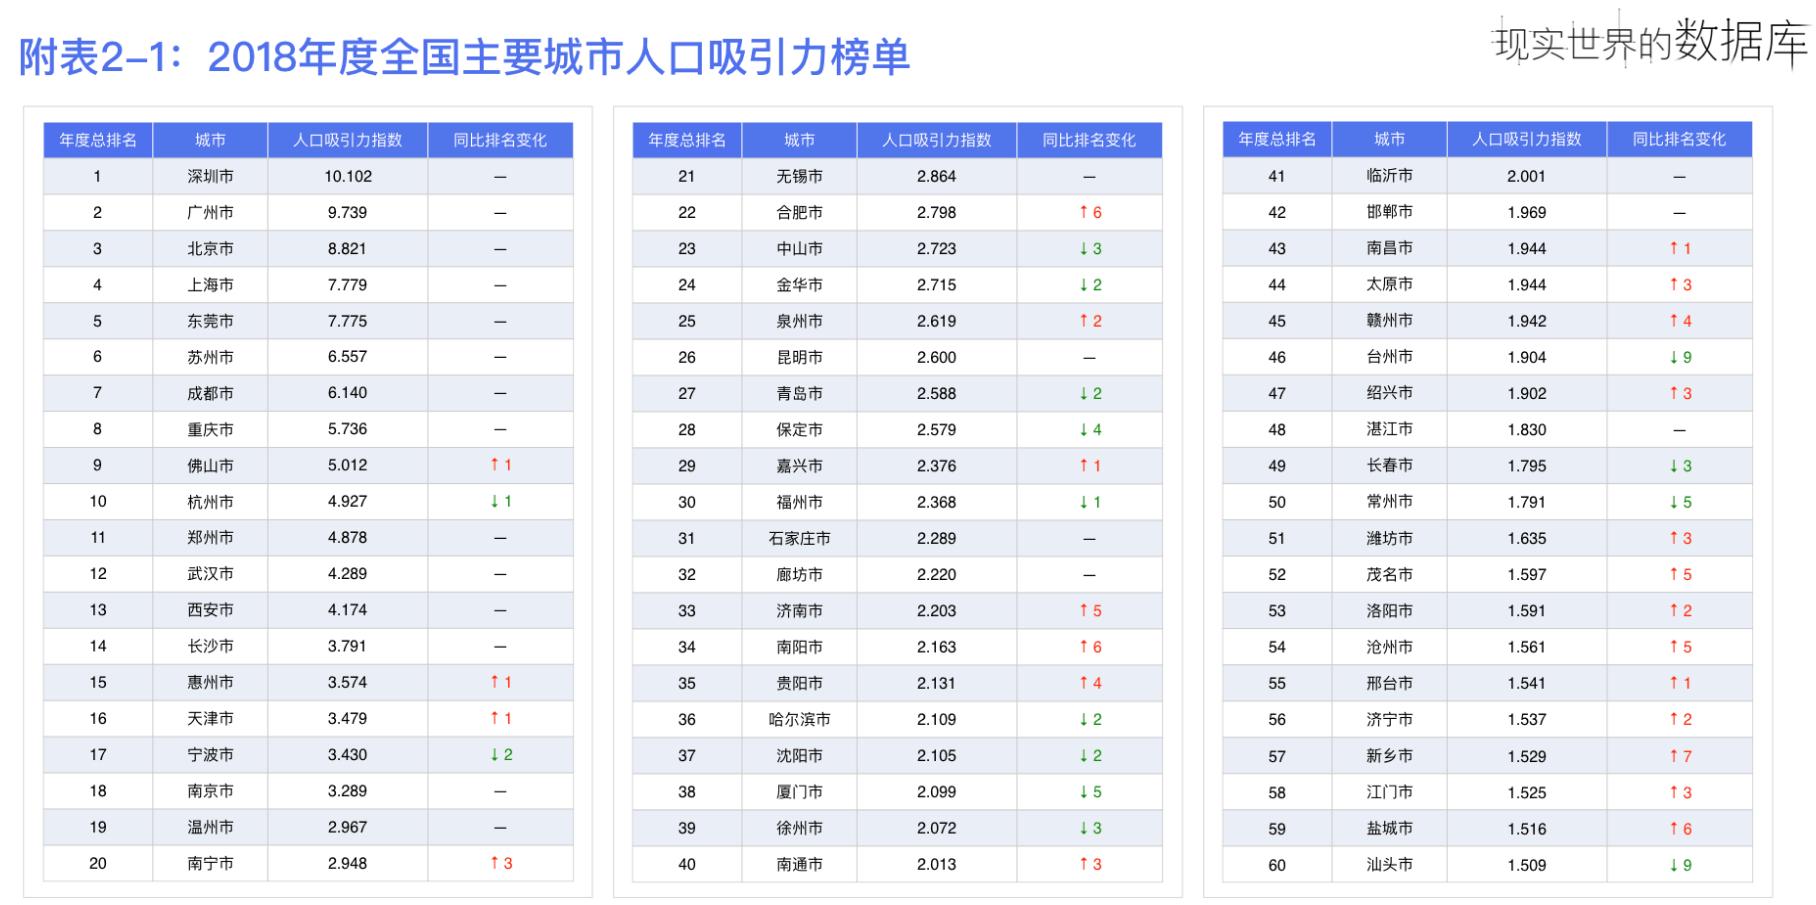 全国城市人口排行榜前20名_名表排行榜前20名图片